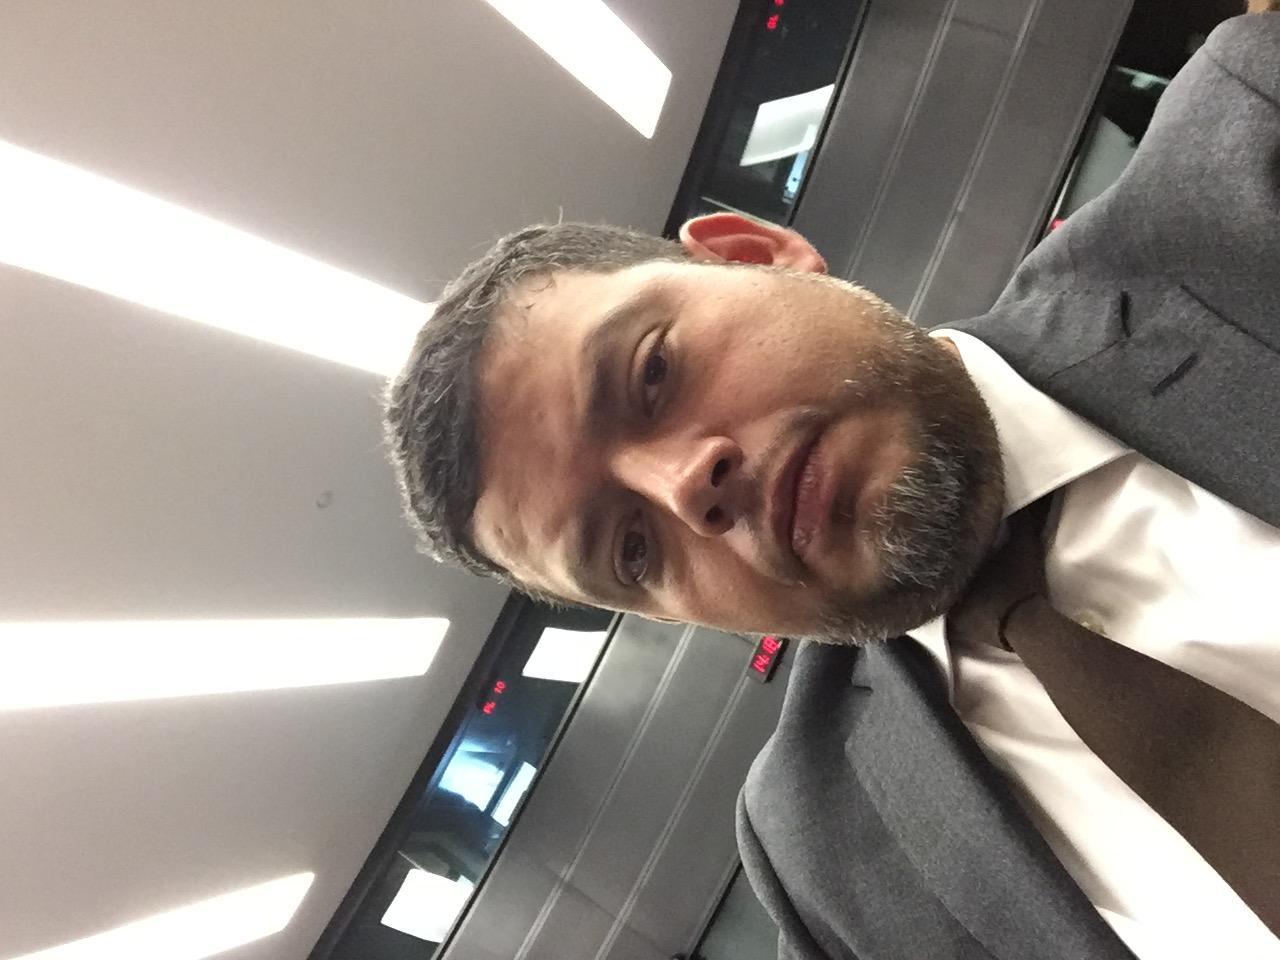 Rodrigo Meneses Reyes